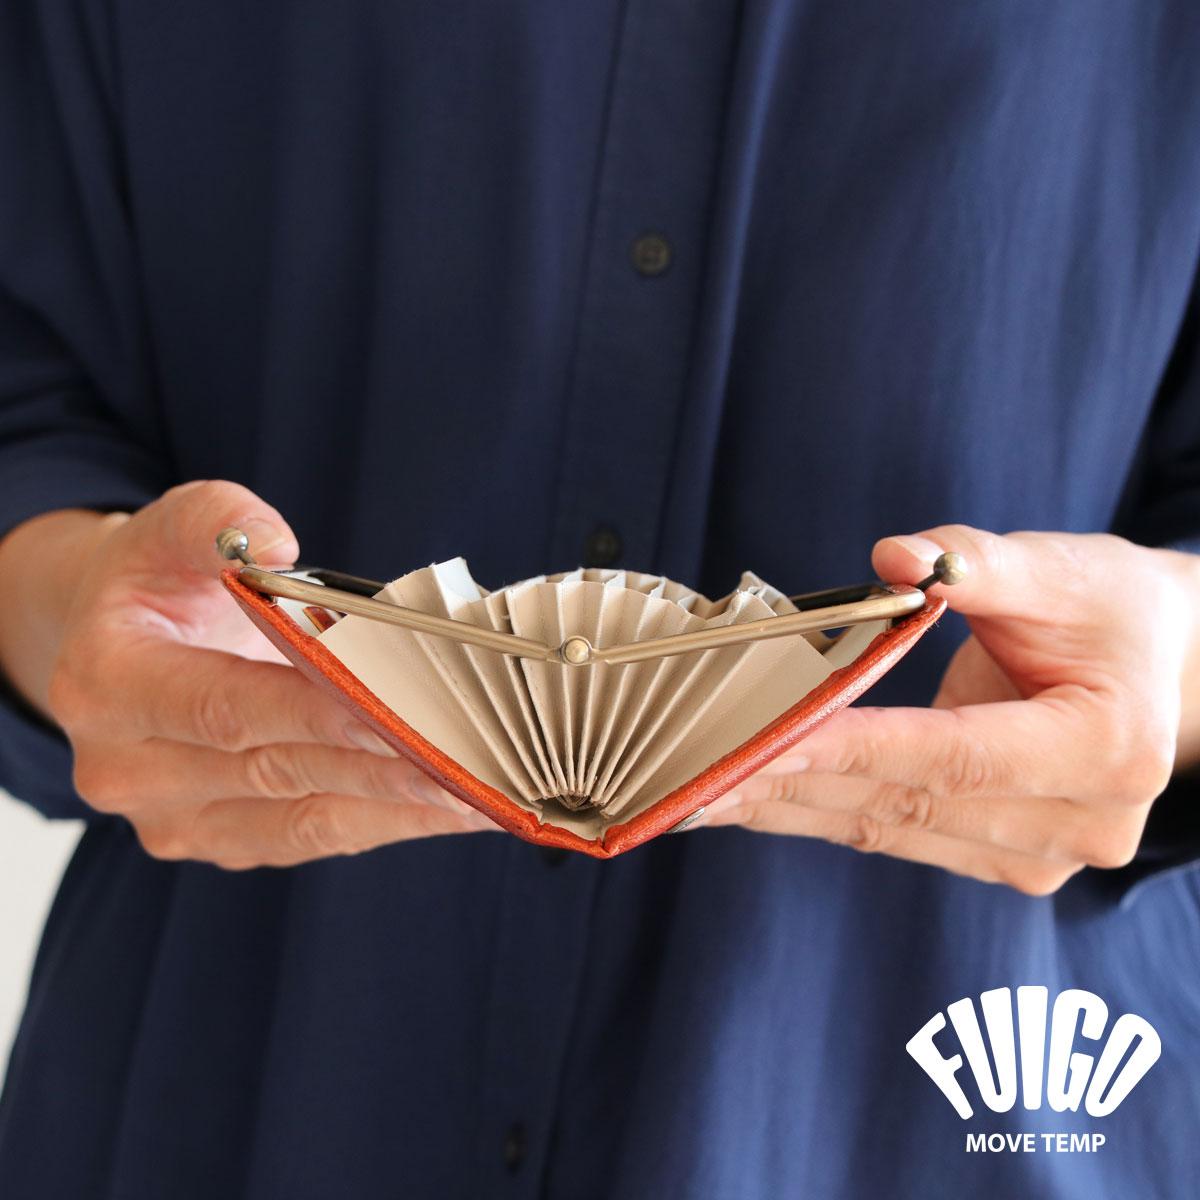 カードホルダー カードケース ジャバラ がま口 がまぐち ミニ財布 MOVETEMP ムーブテンプ SPARK スパーク FUIGO 本革 牛革 山羊革 ユニセックス